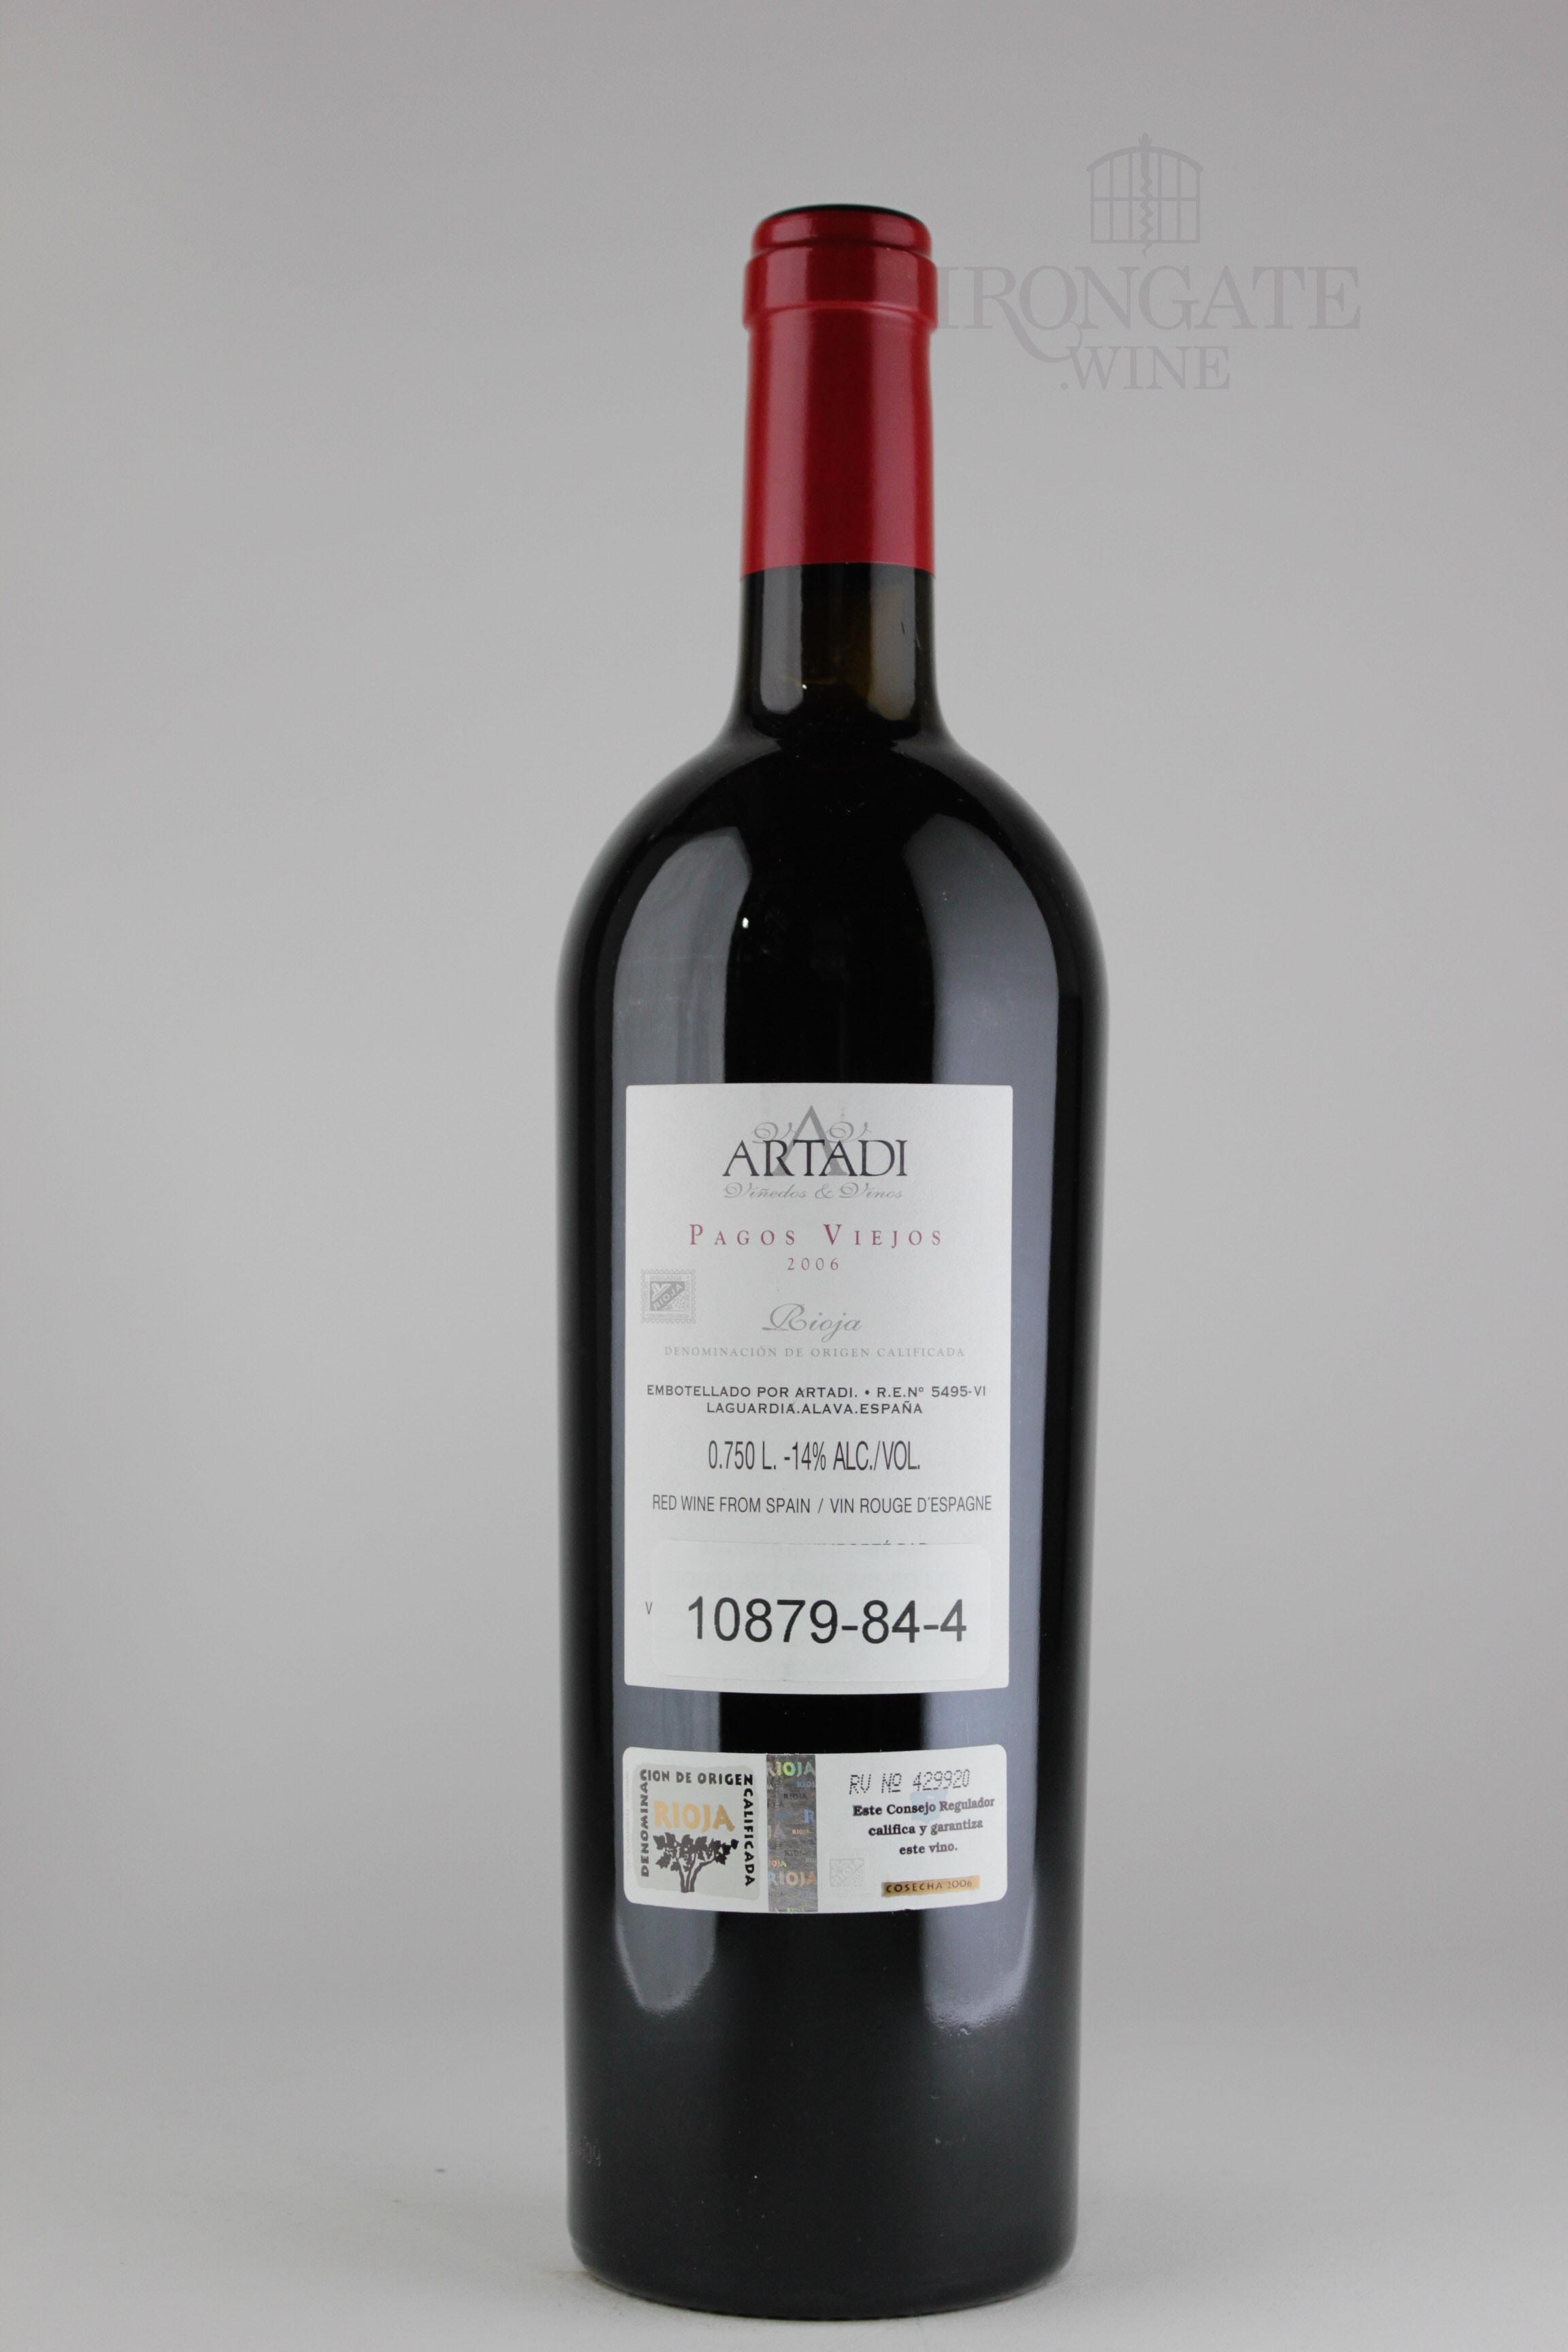 4 Viejos 2006 artadi pagos viejos - 750 ml - buy online - irongate.wine - 23380